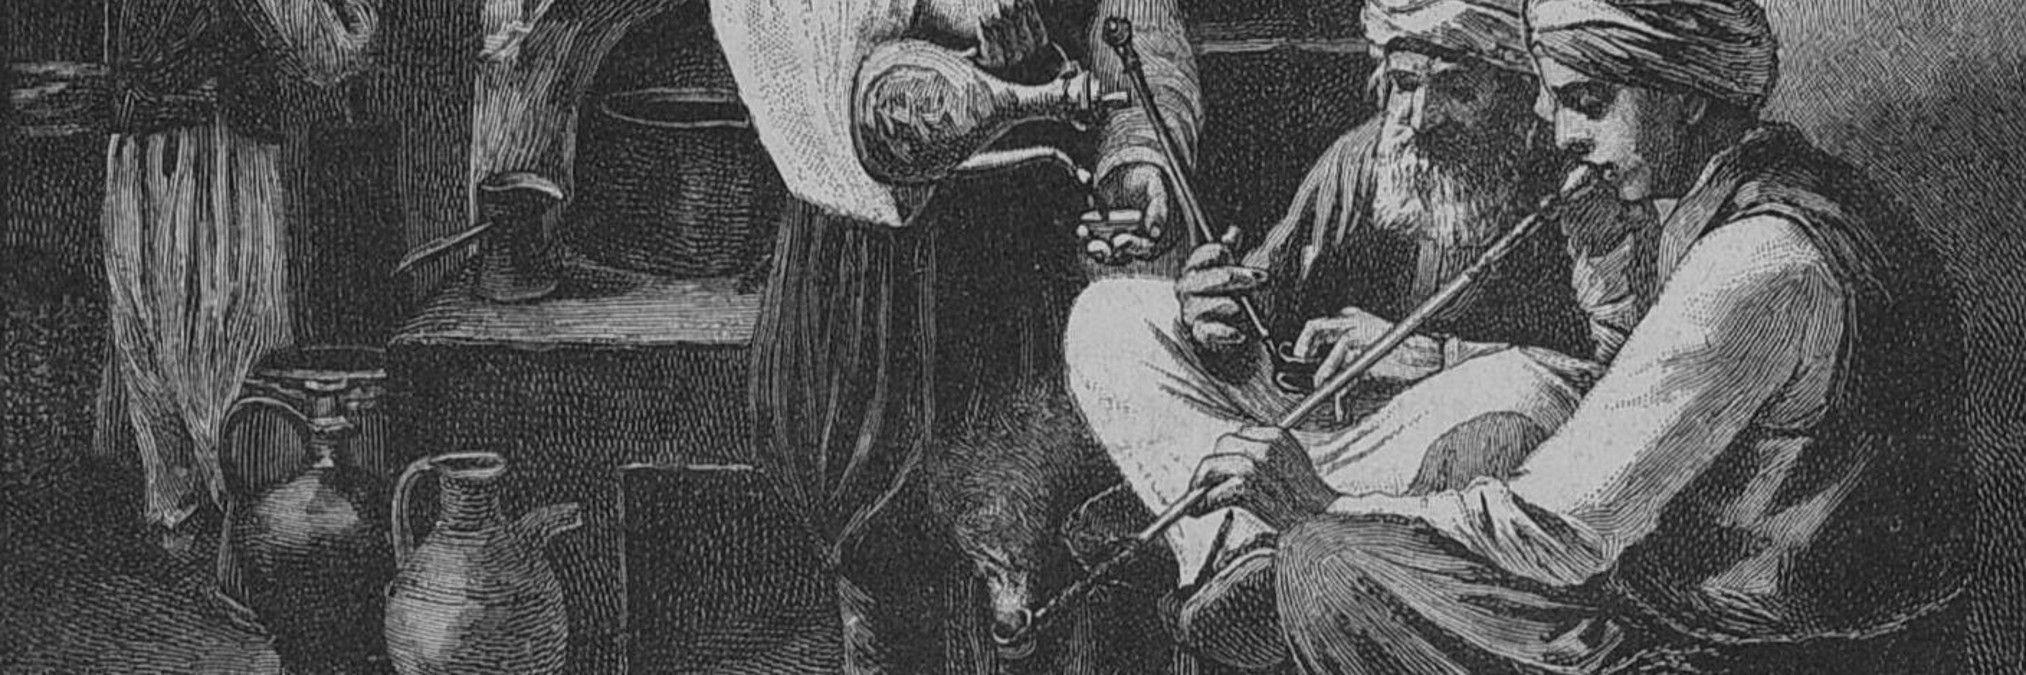 Чибук. Die Gartenlaube, public domain